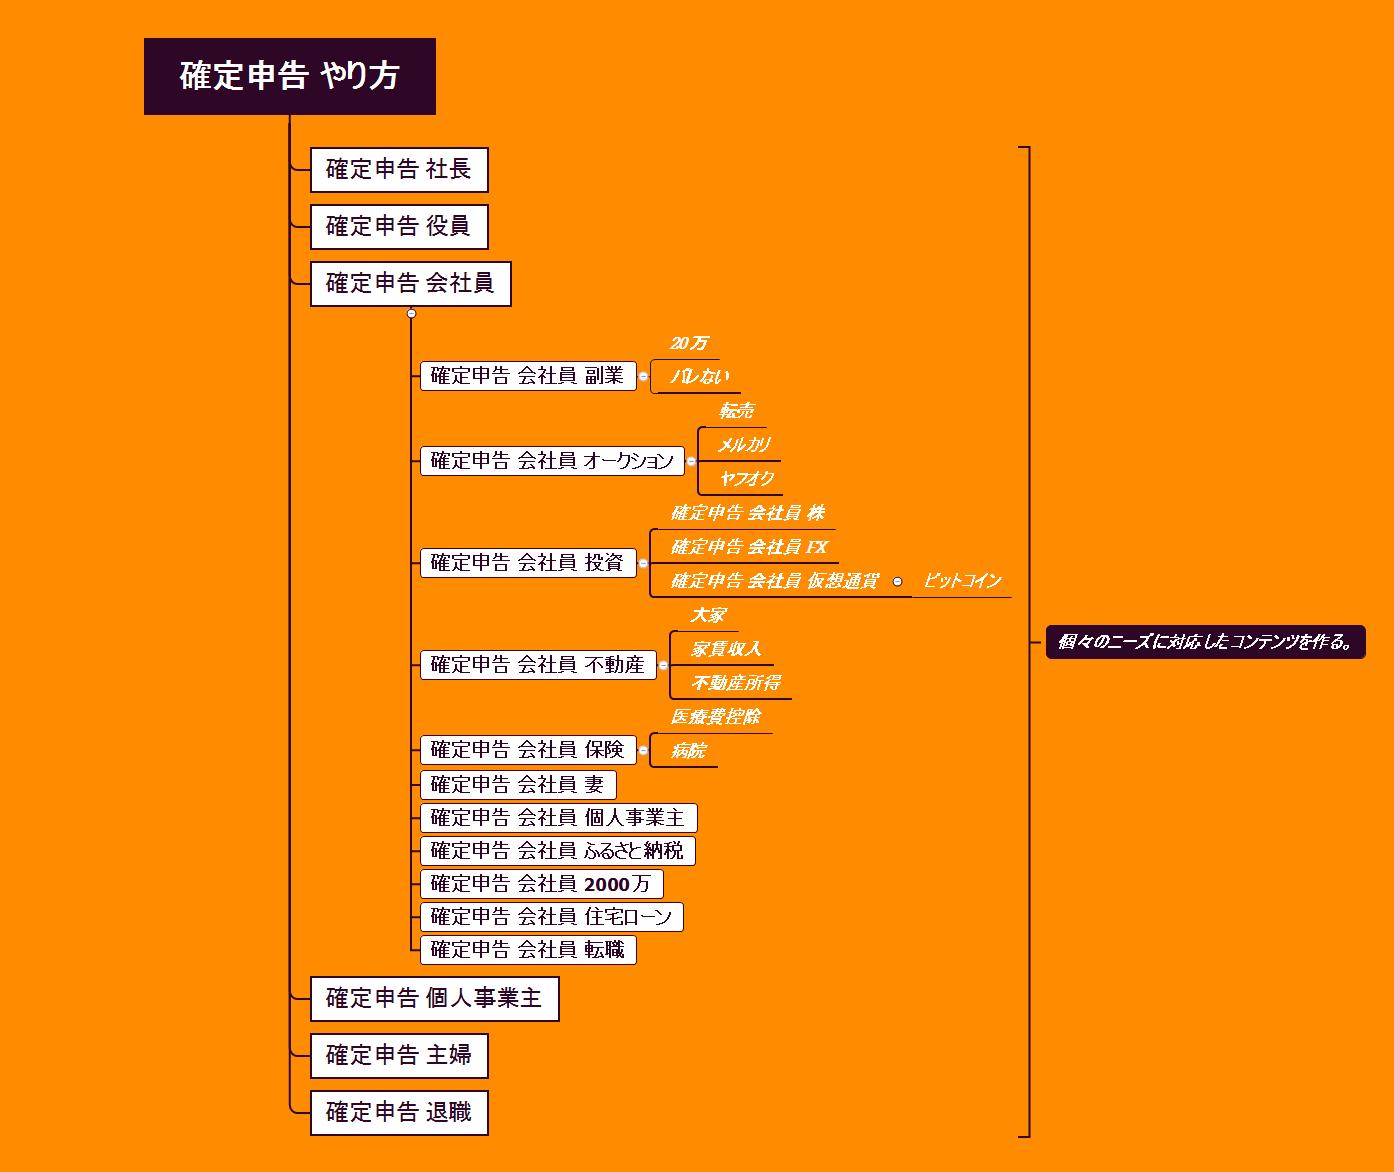 ディースケが作成した「確定申告 やり方」のキーワードマップ その②